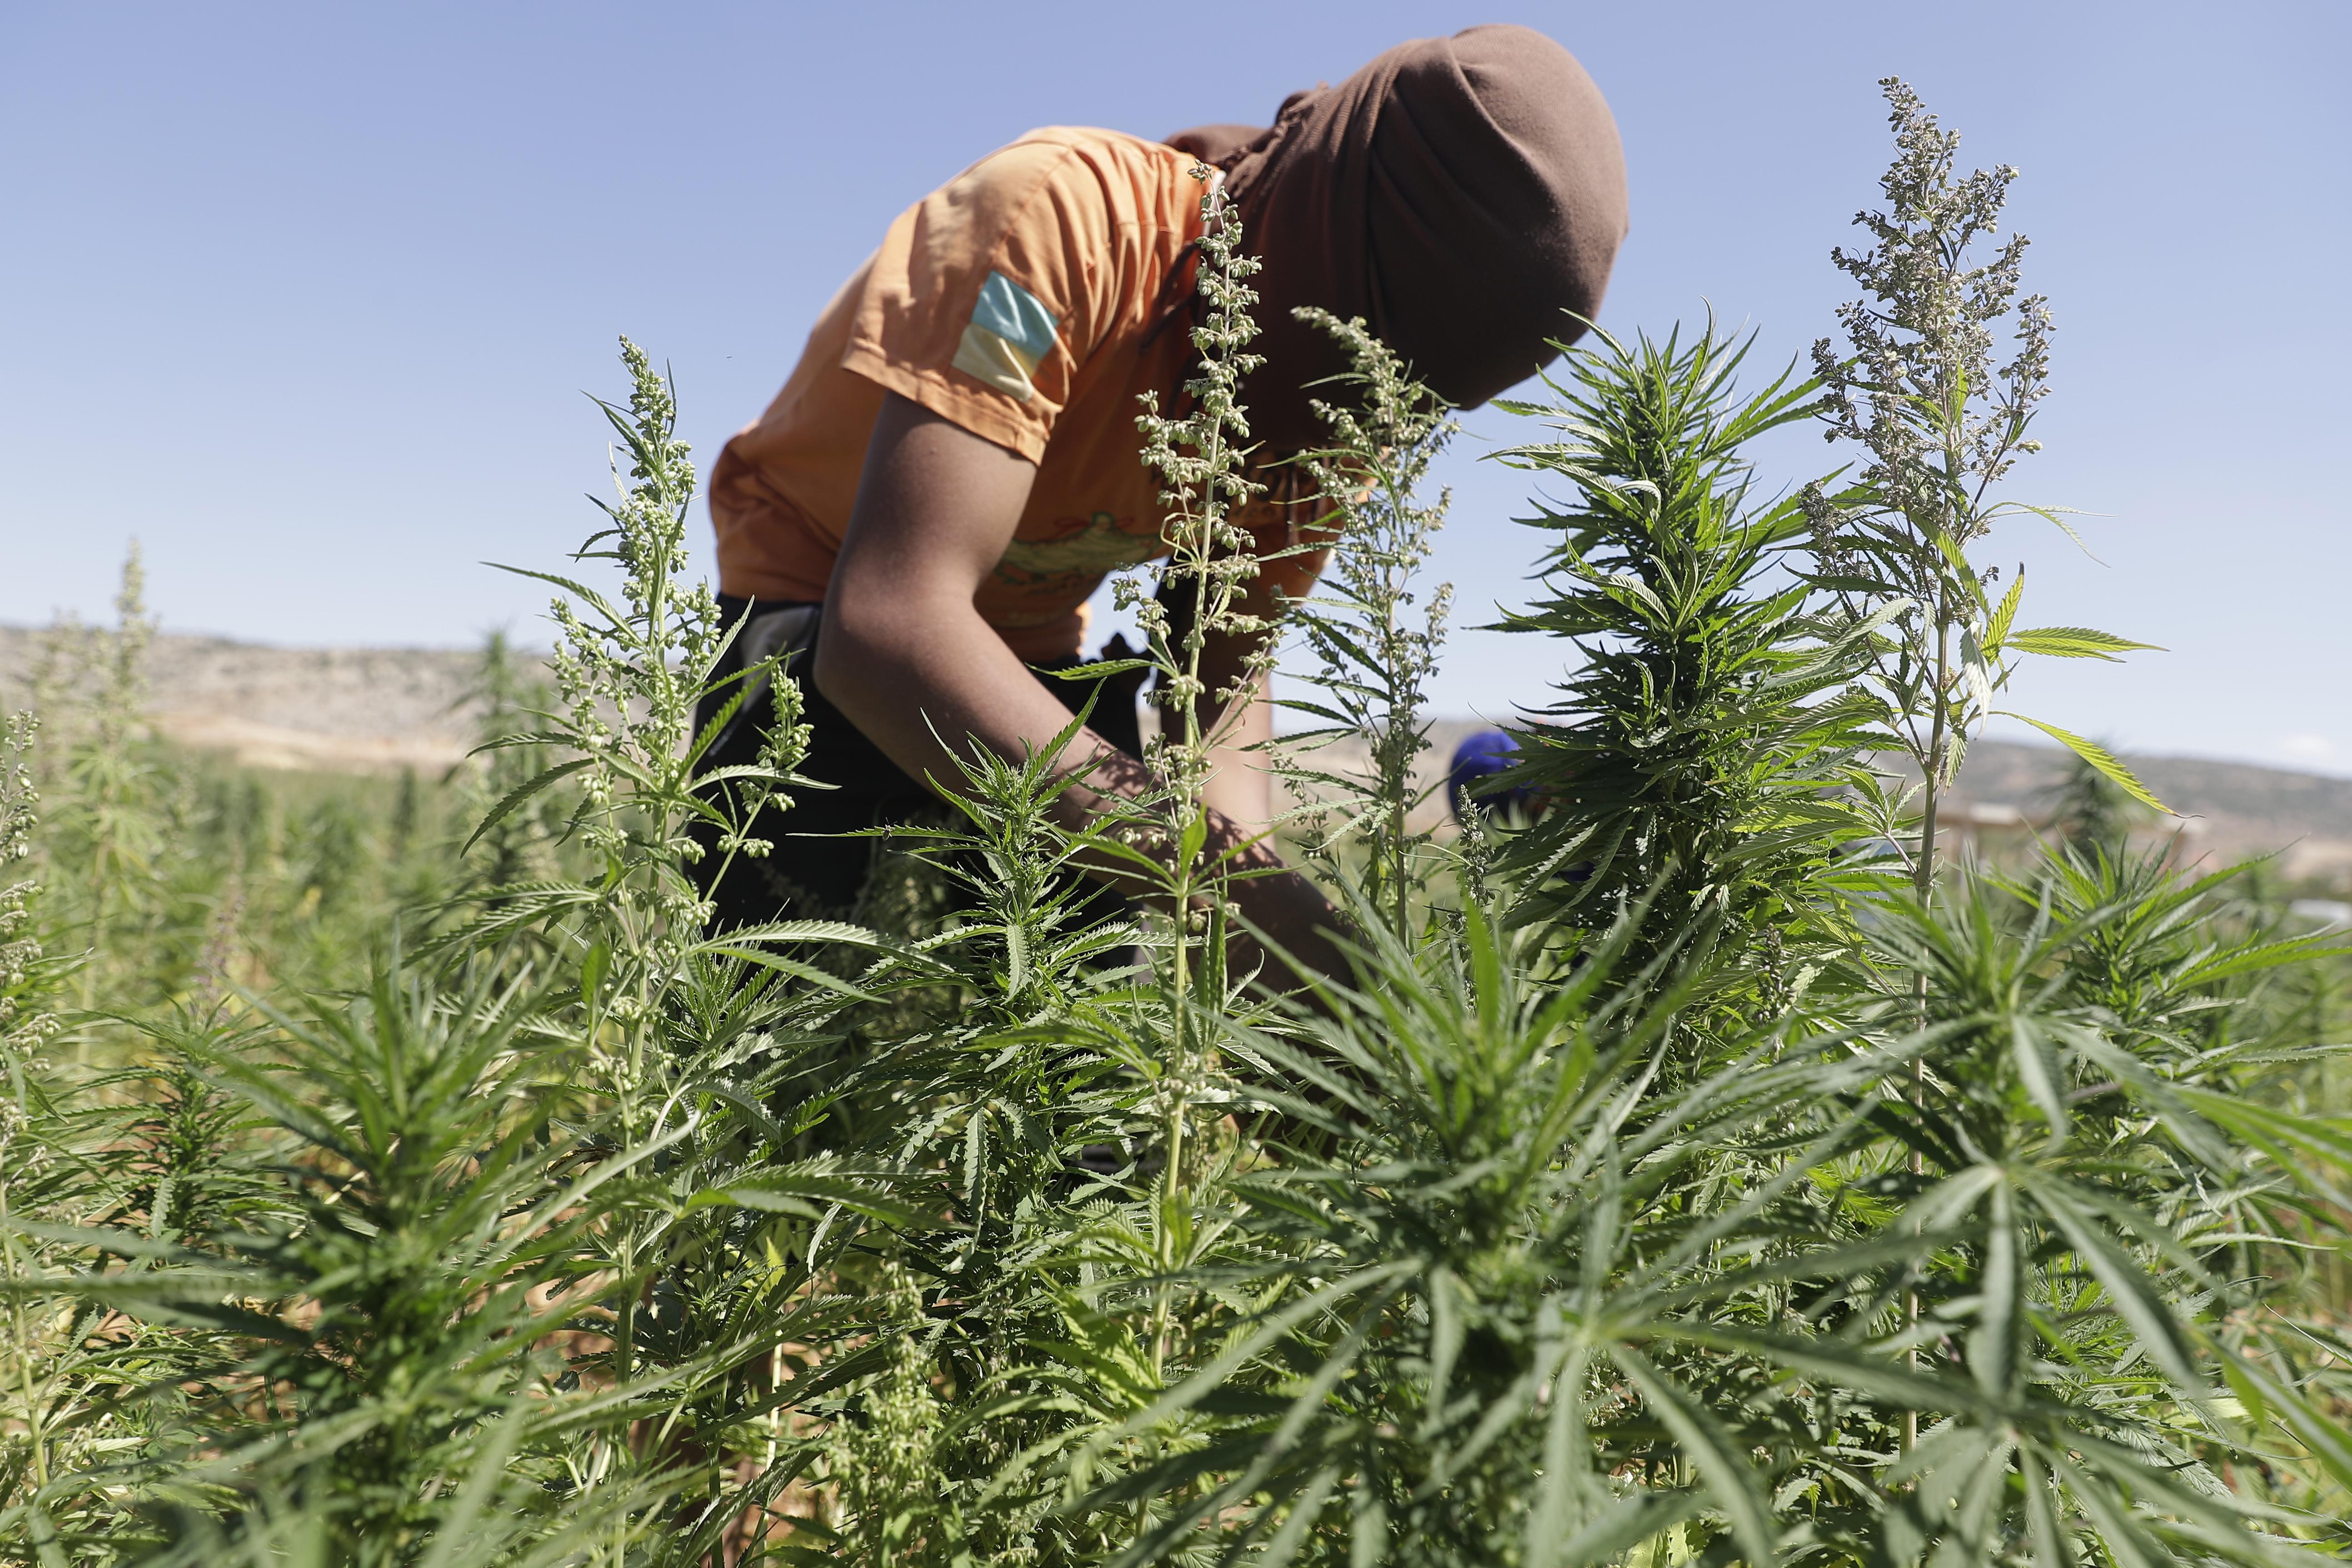 Libanon az orvosi marihuána legalizálásával pörgeti fel a gazdaságát